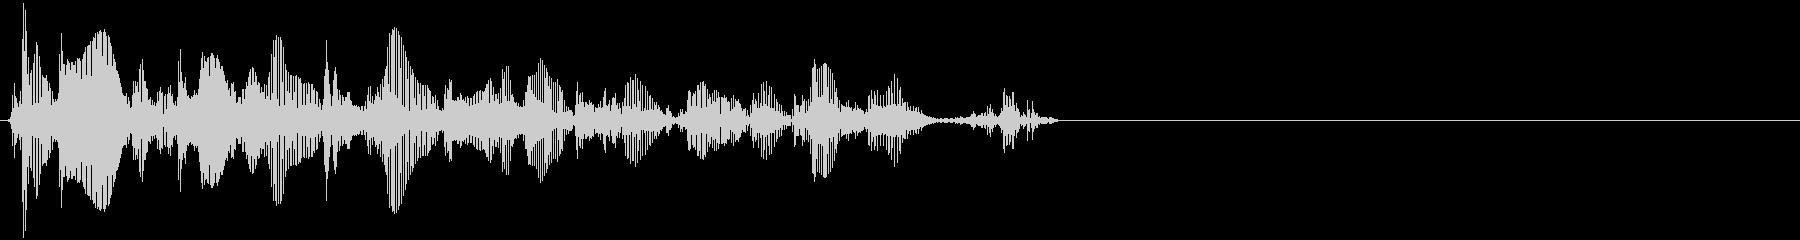 トロンボーン:トーキングアクセント...の未再生の波形